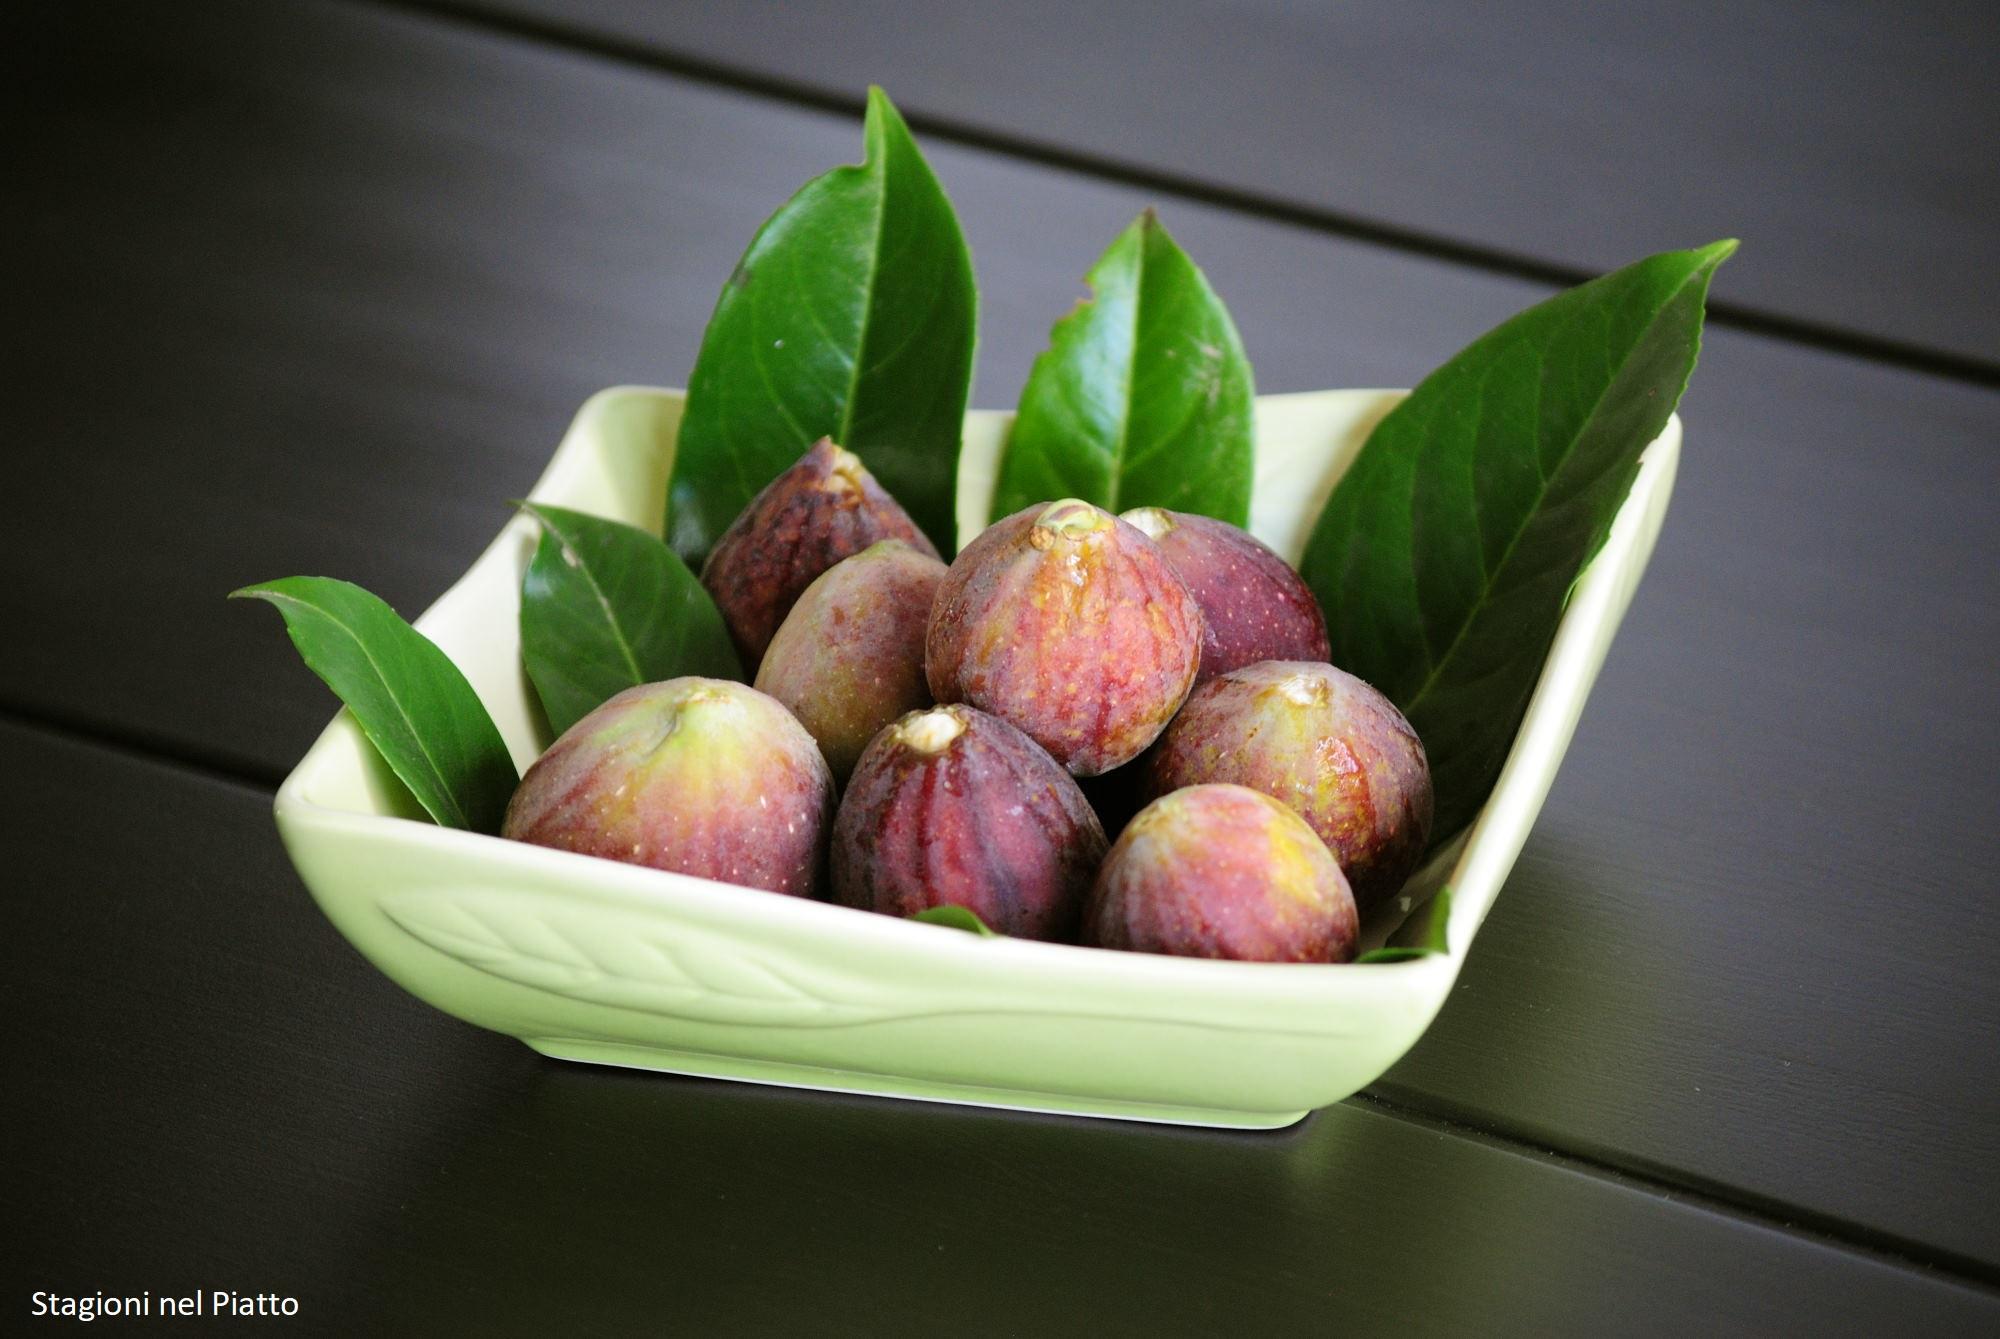 ASPETTI NUTRITIVI E BENEFICI DEI FICHI